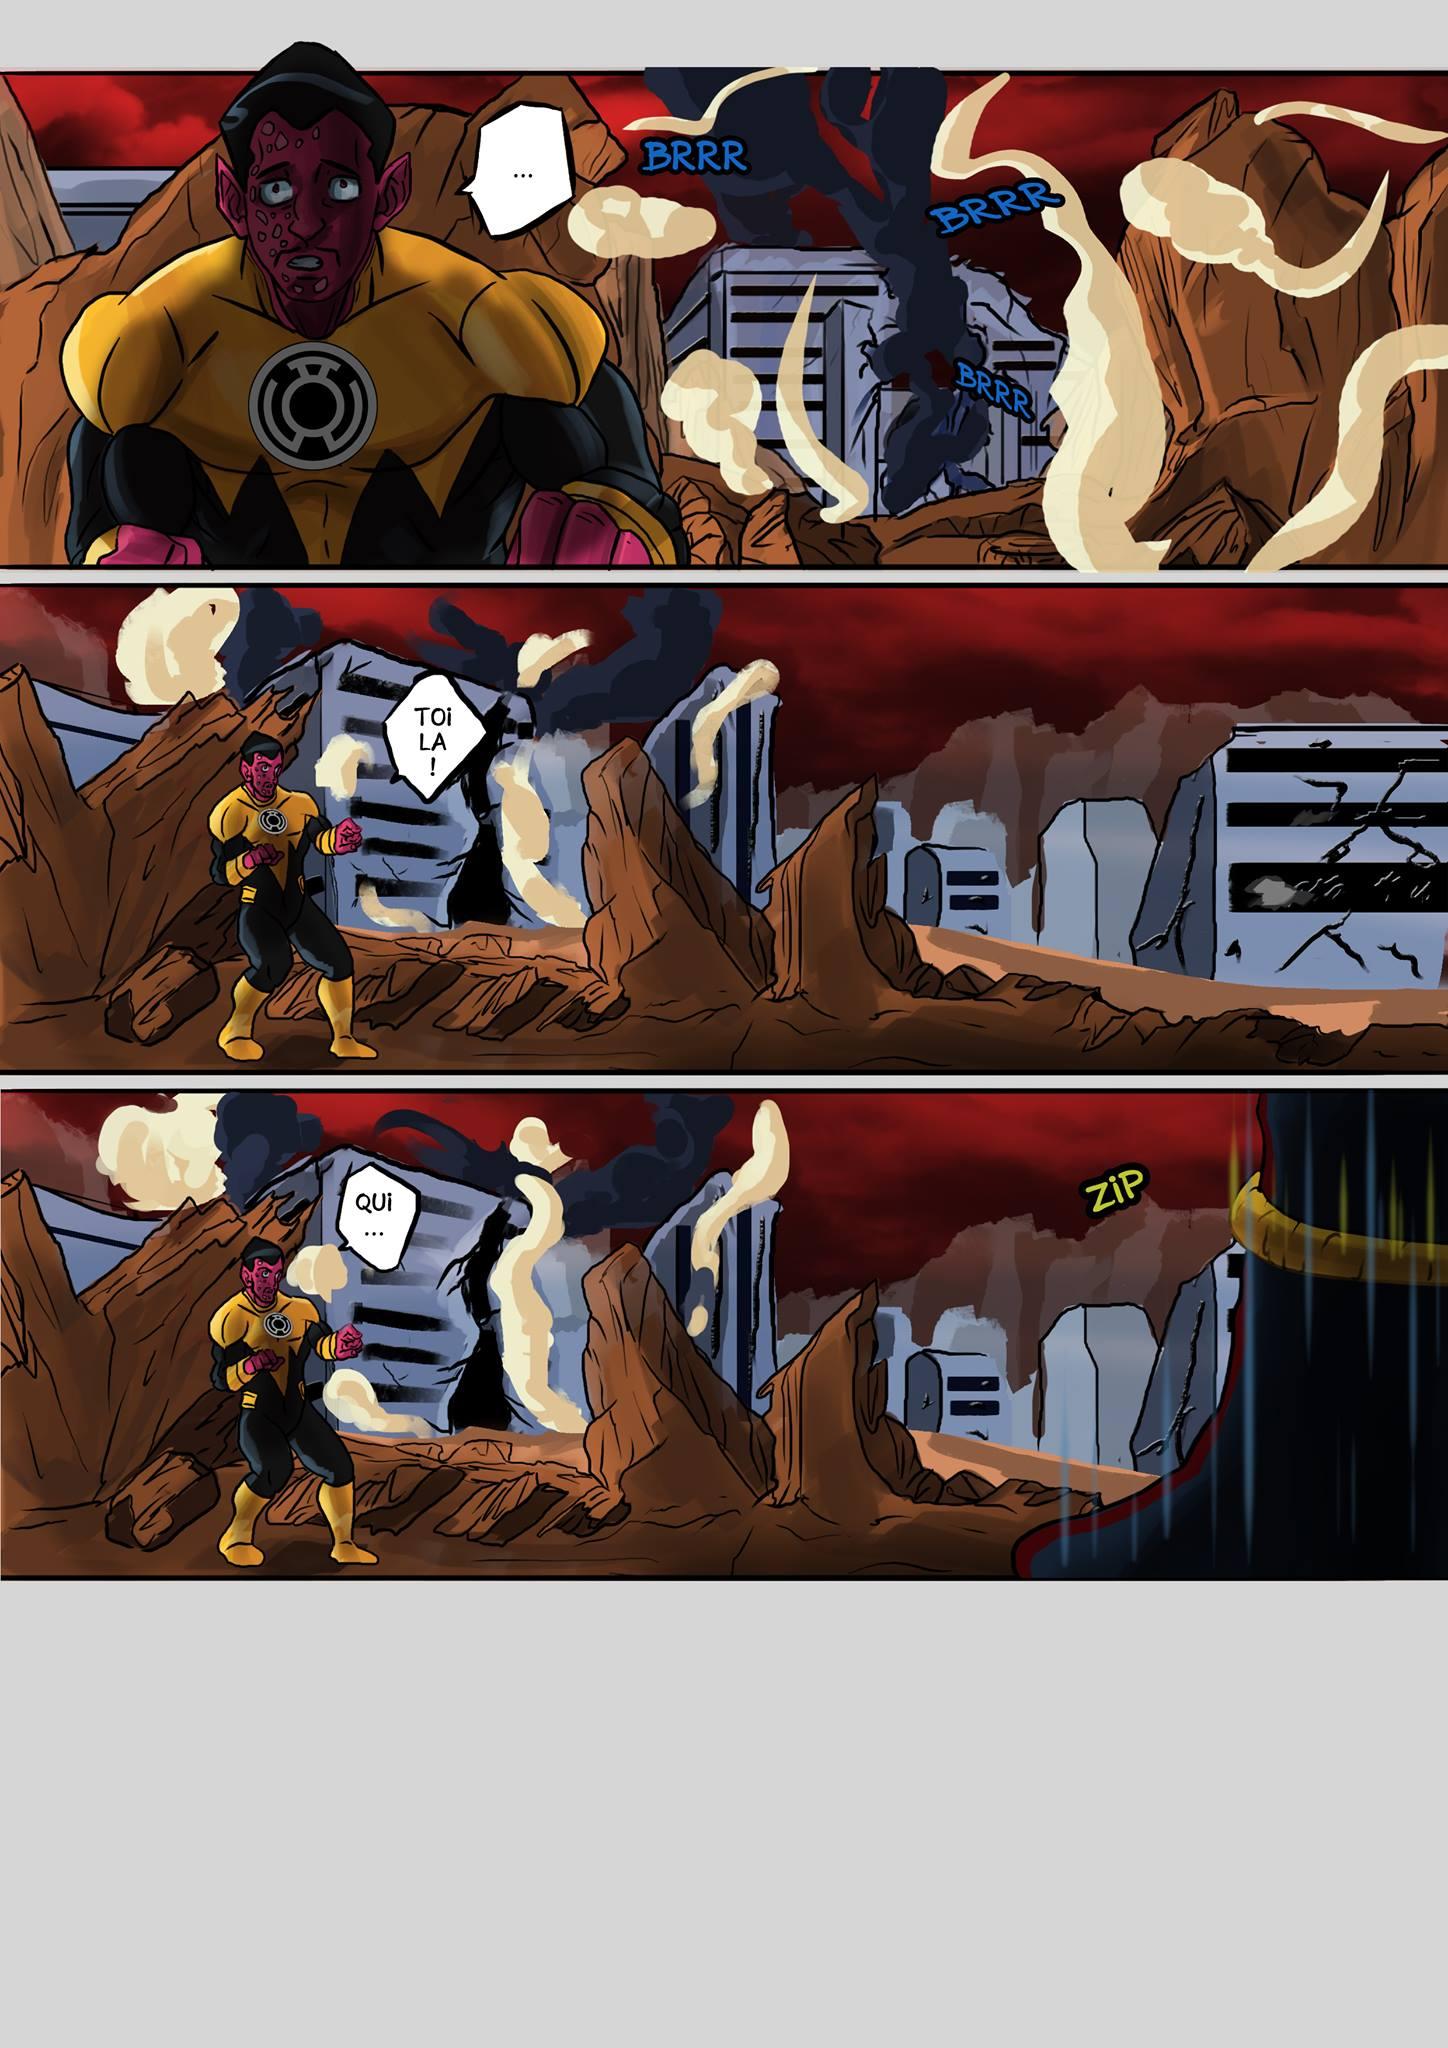 Justice league goku - 20